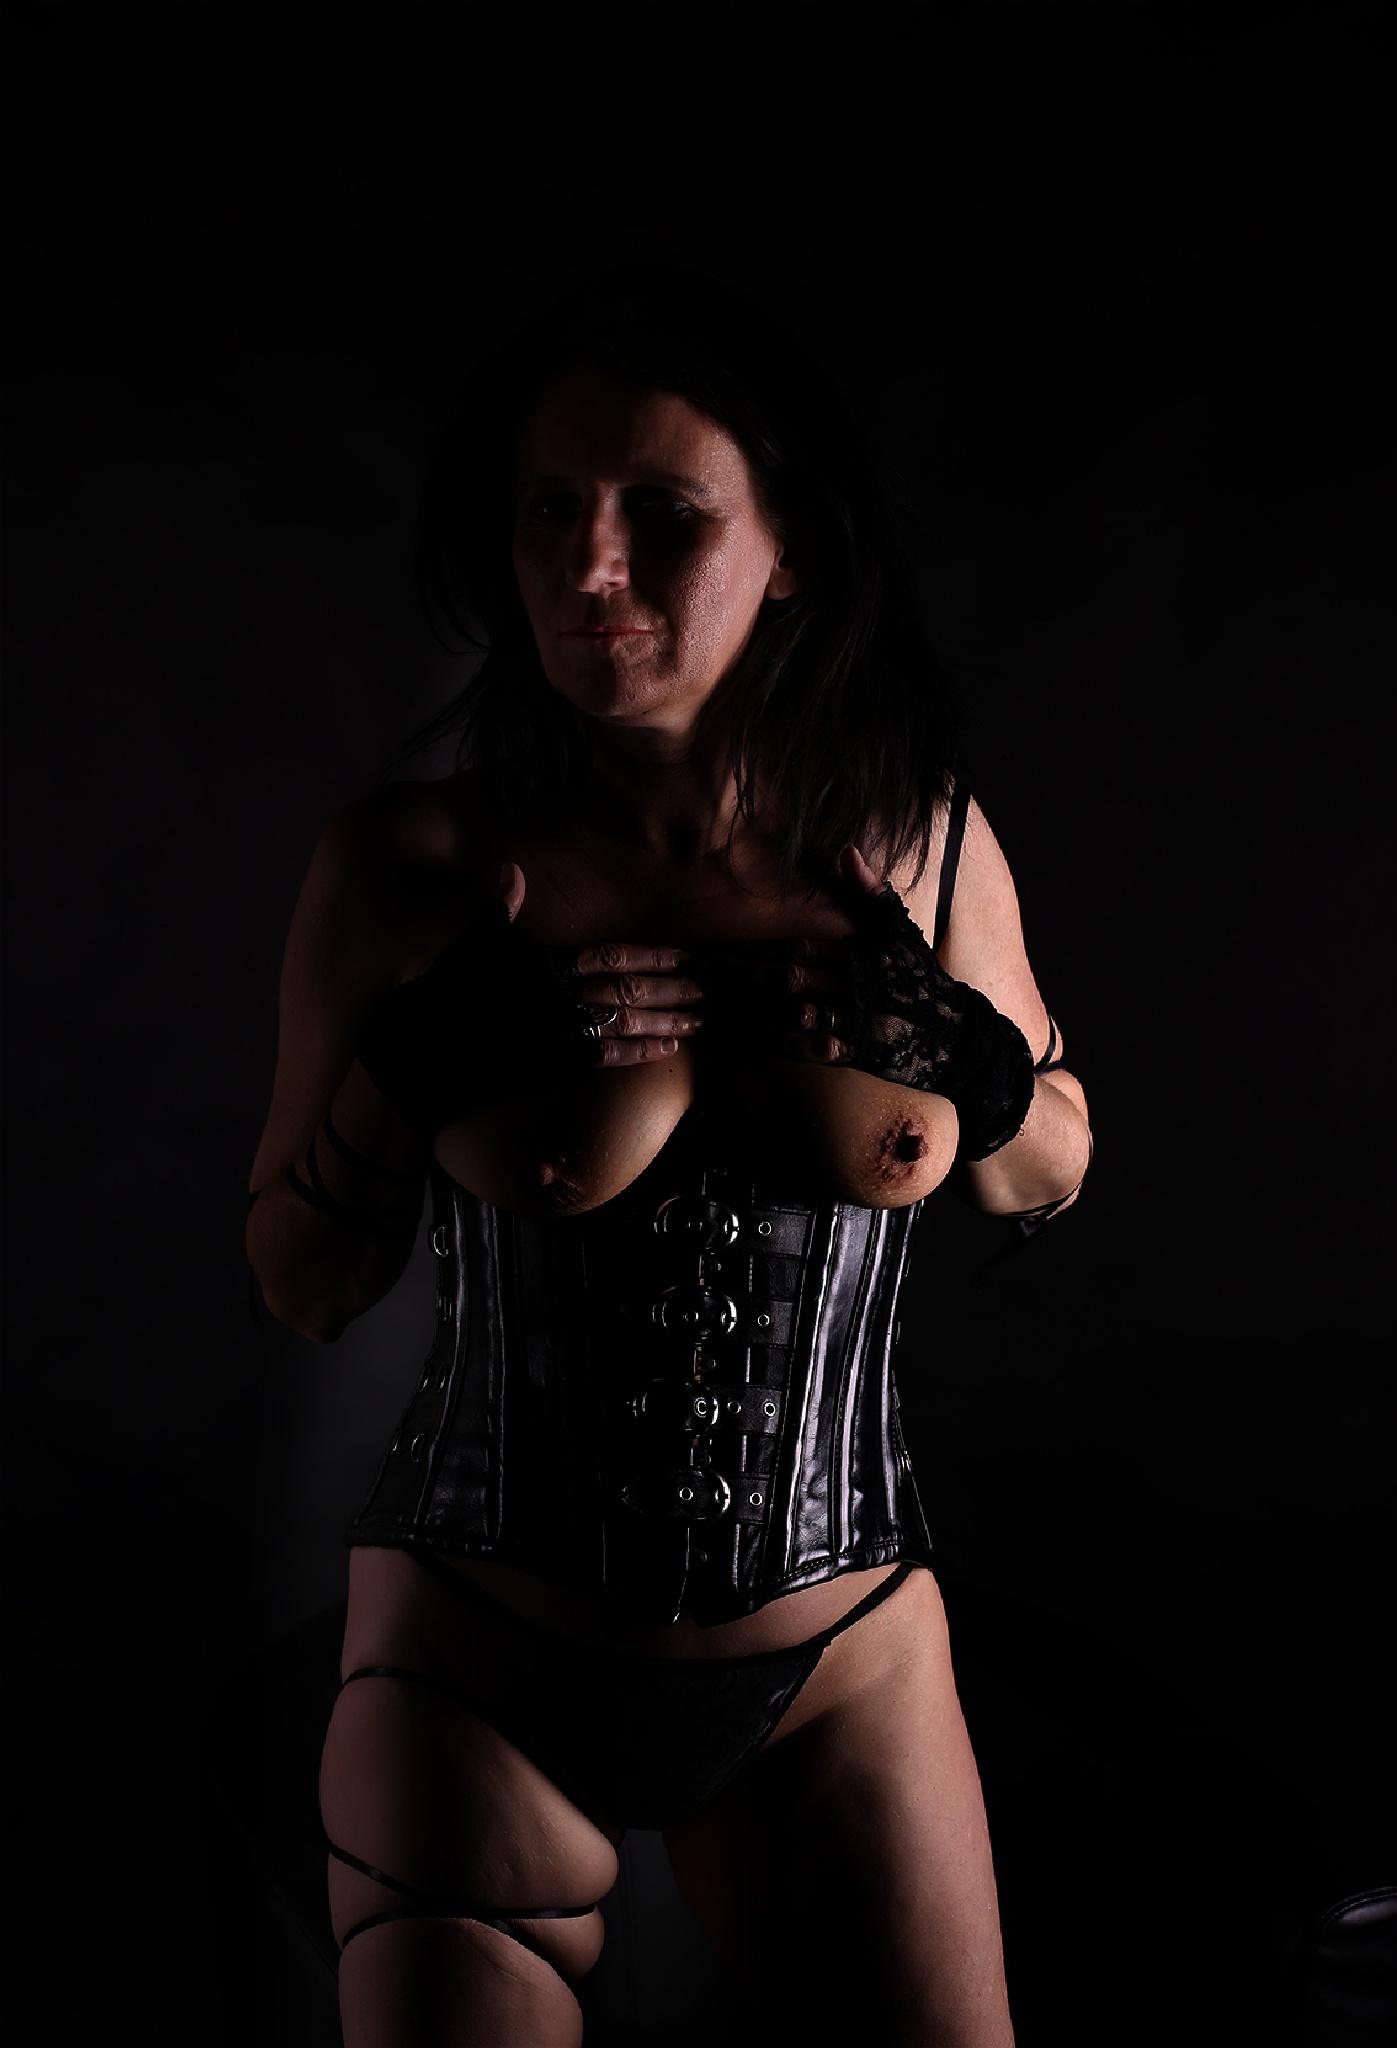 corset lady by Hybryds